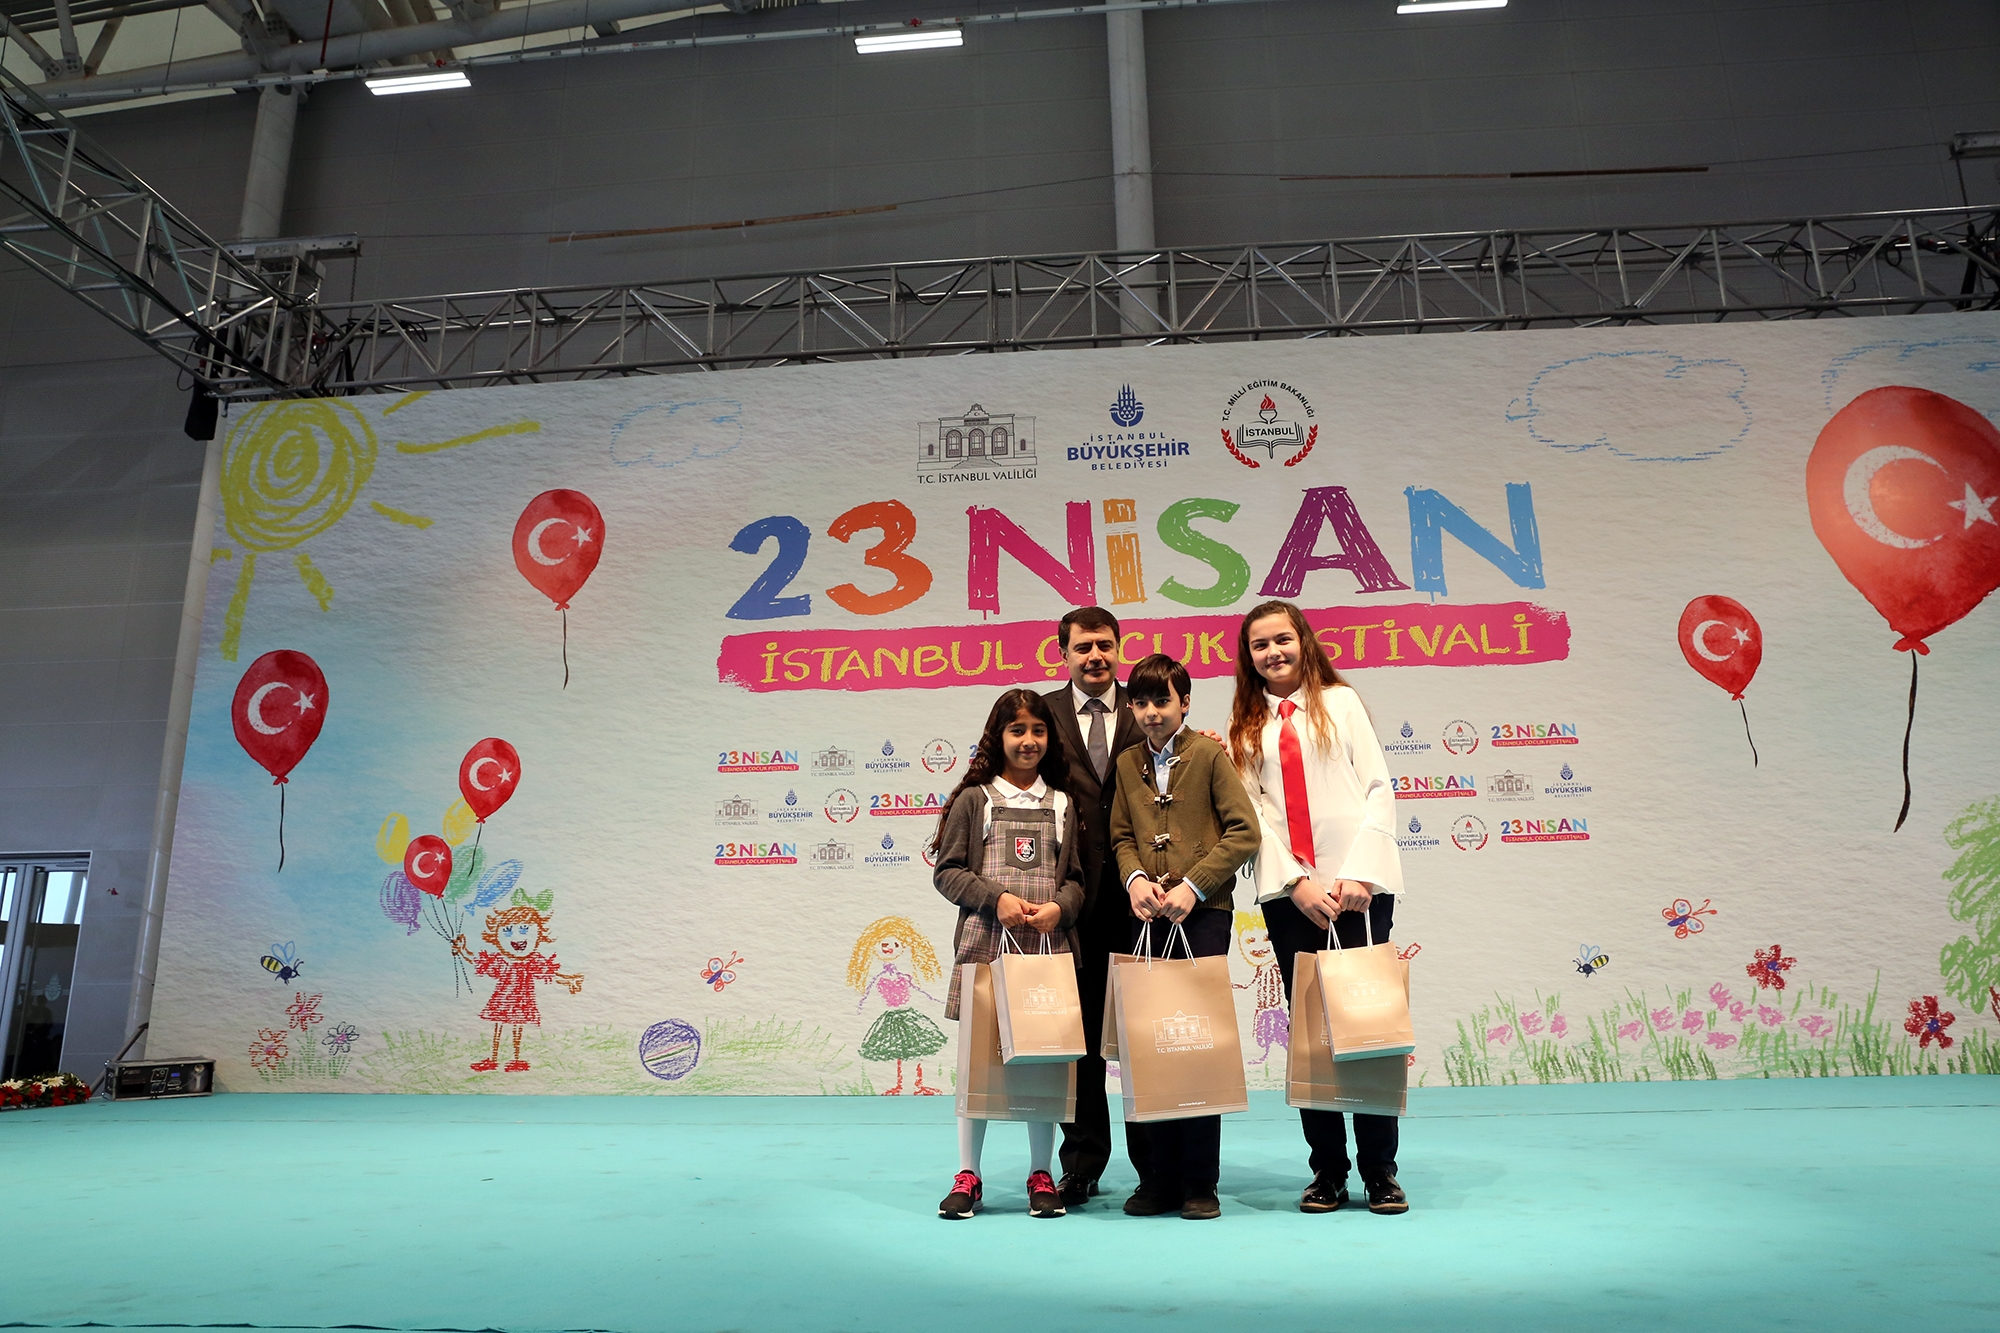 Konuşan Trafik Çocuk Oyunu Kadıköy Halk Eğitim Merkezi'nde 32